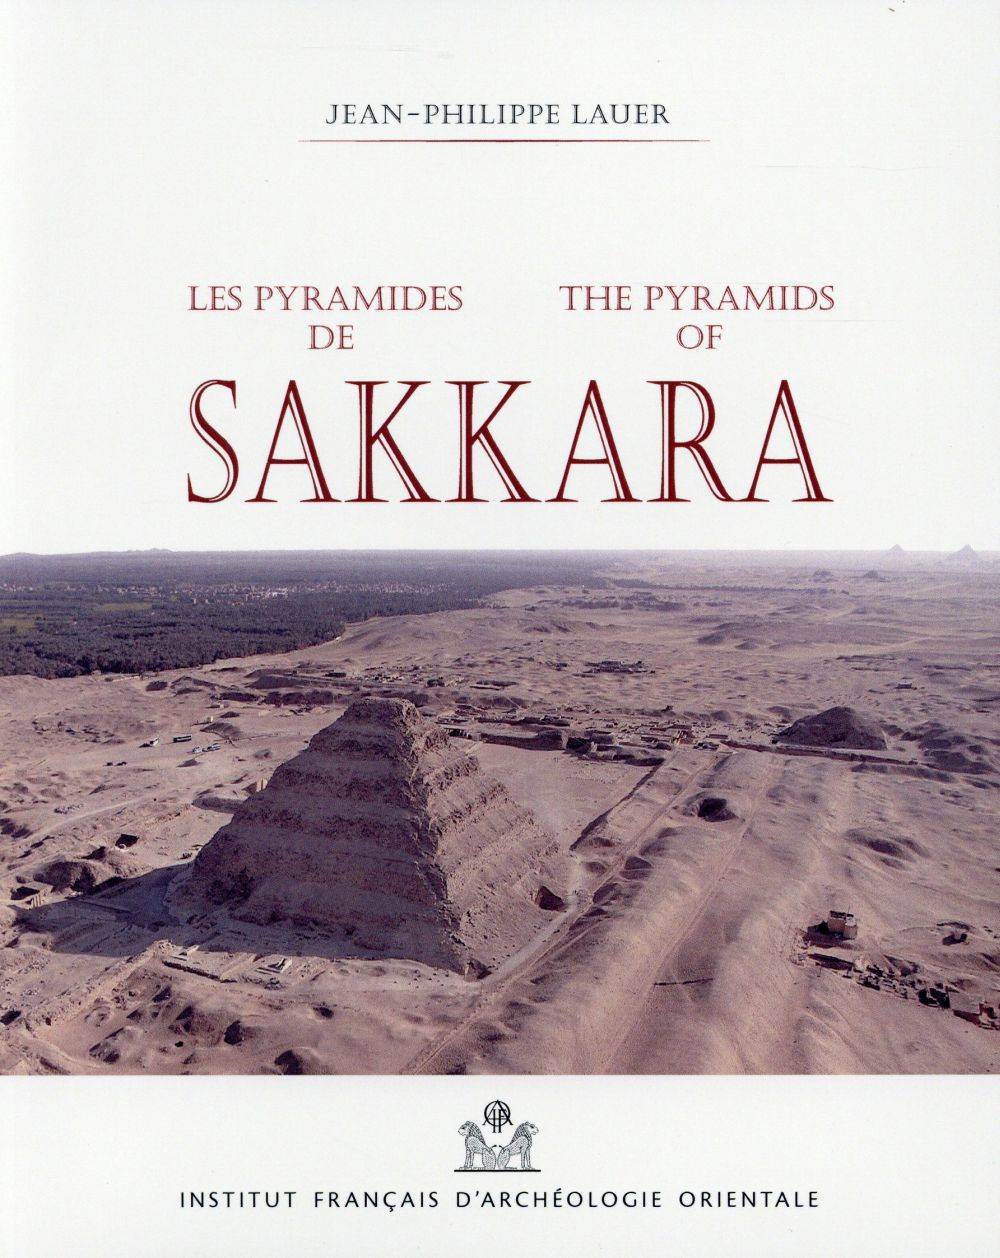 Pyramides de sakkara